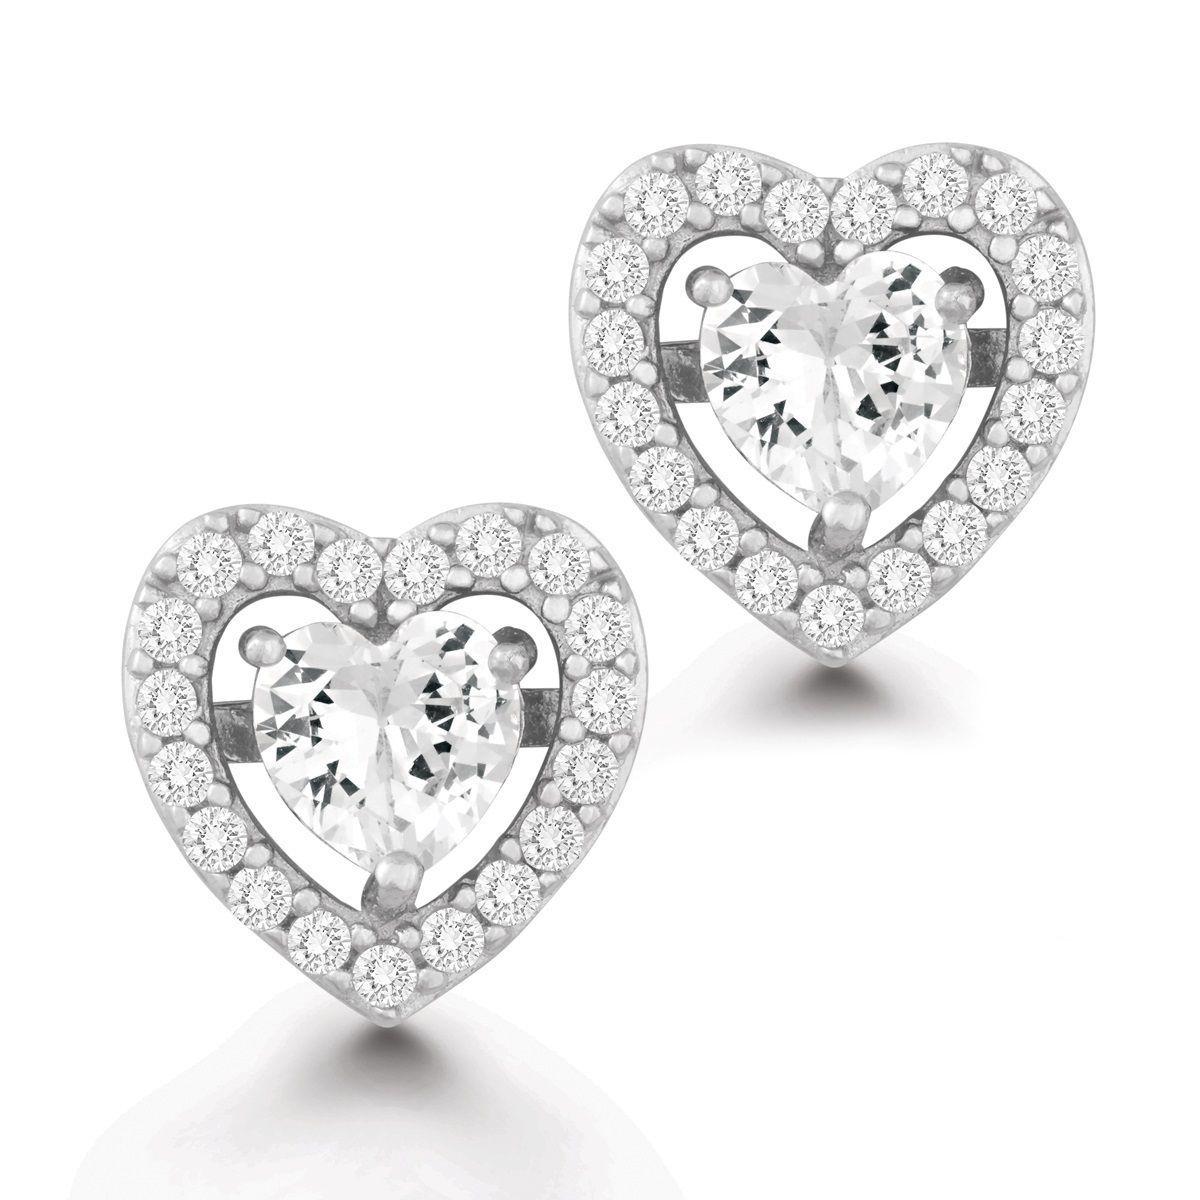 La Preciosa Sterling Silver Cubic Zirconia Heart Stud Earrings, Women's